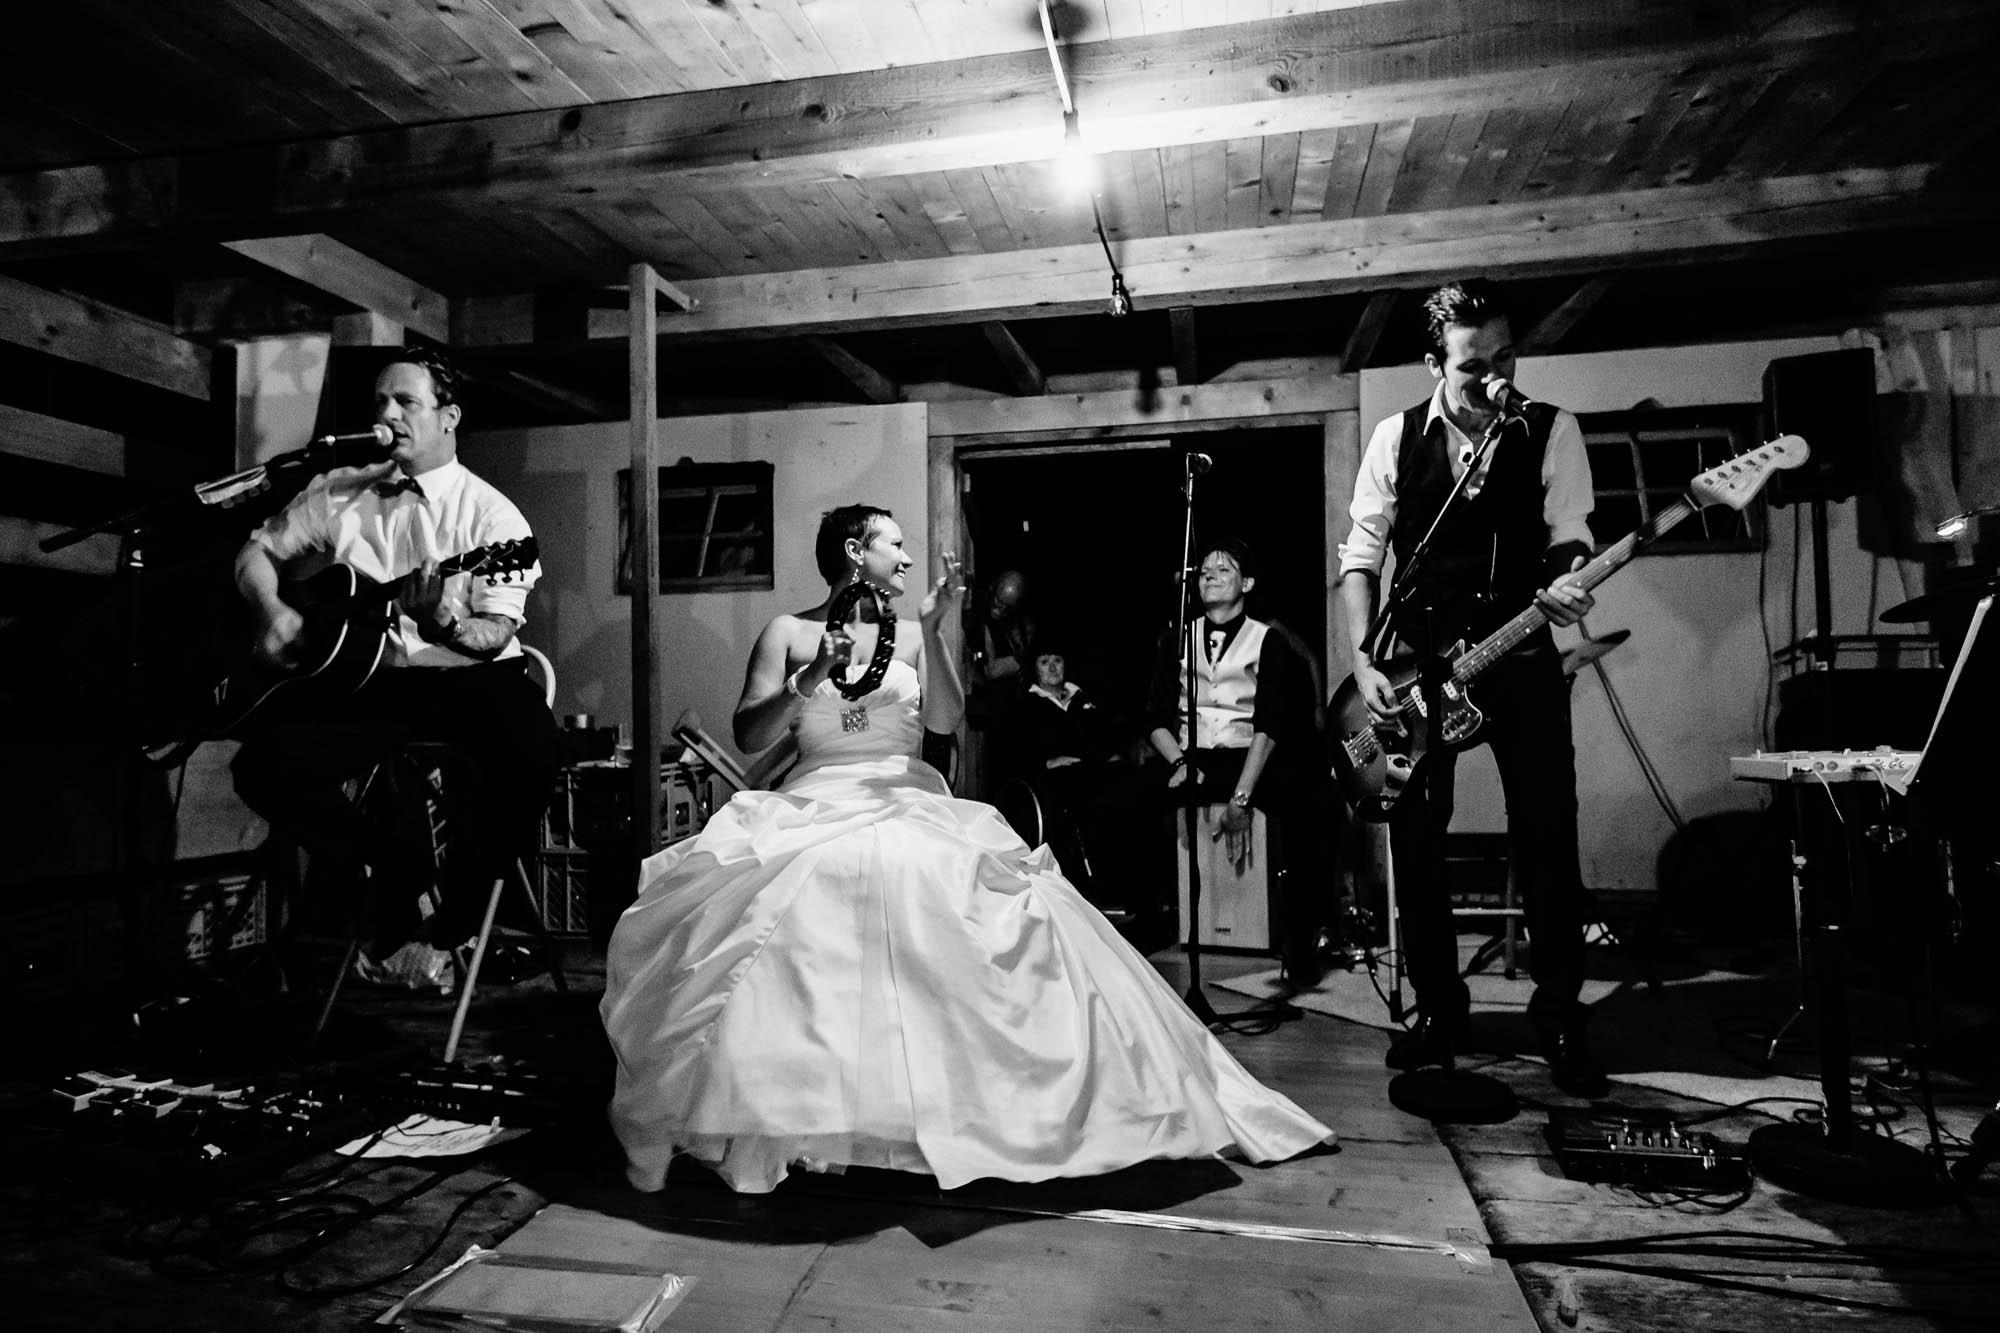 Hochzeitsband bestehend aus Bräutigam, Braut, Trauzeuge und Kollege